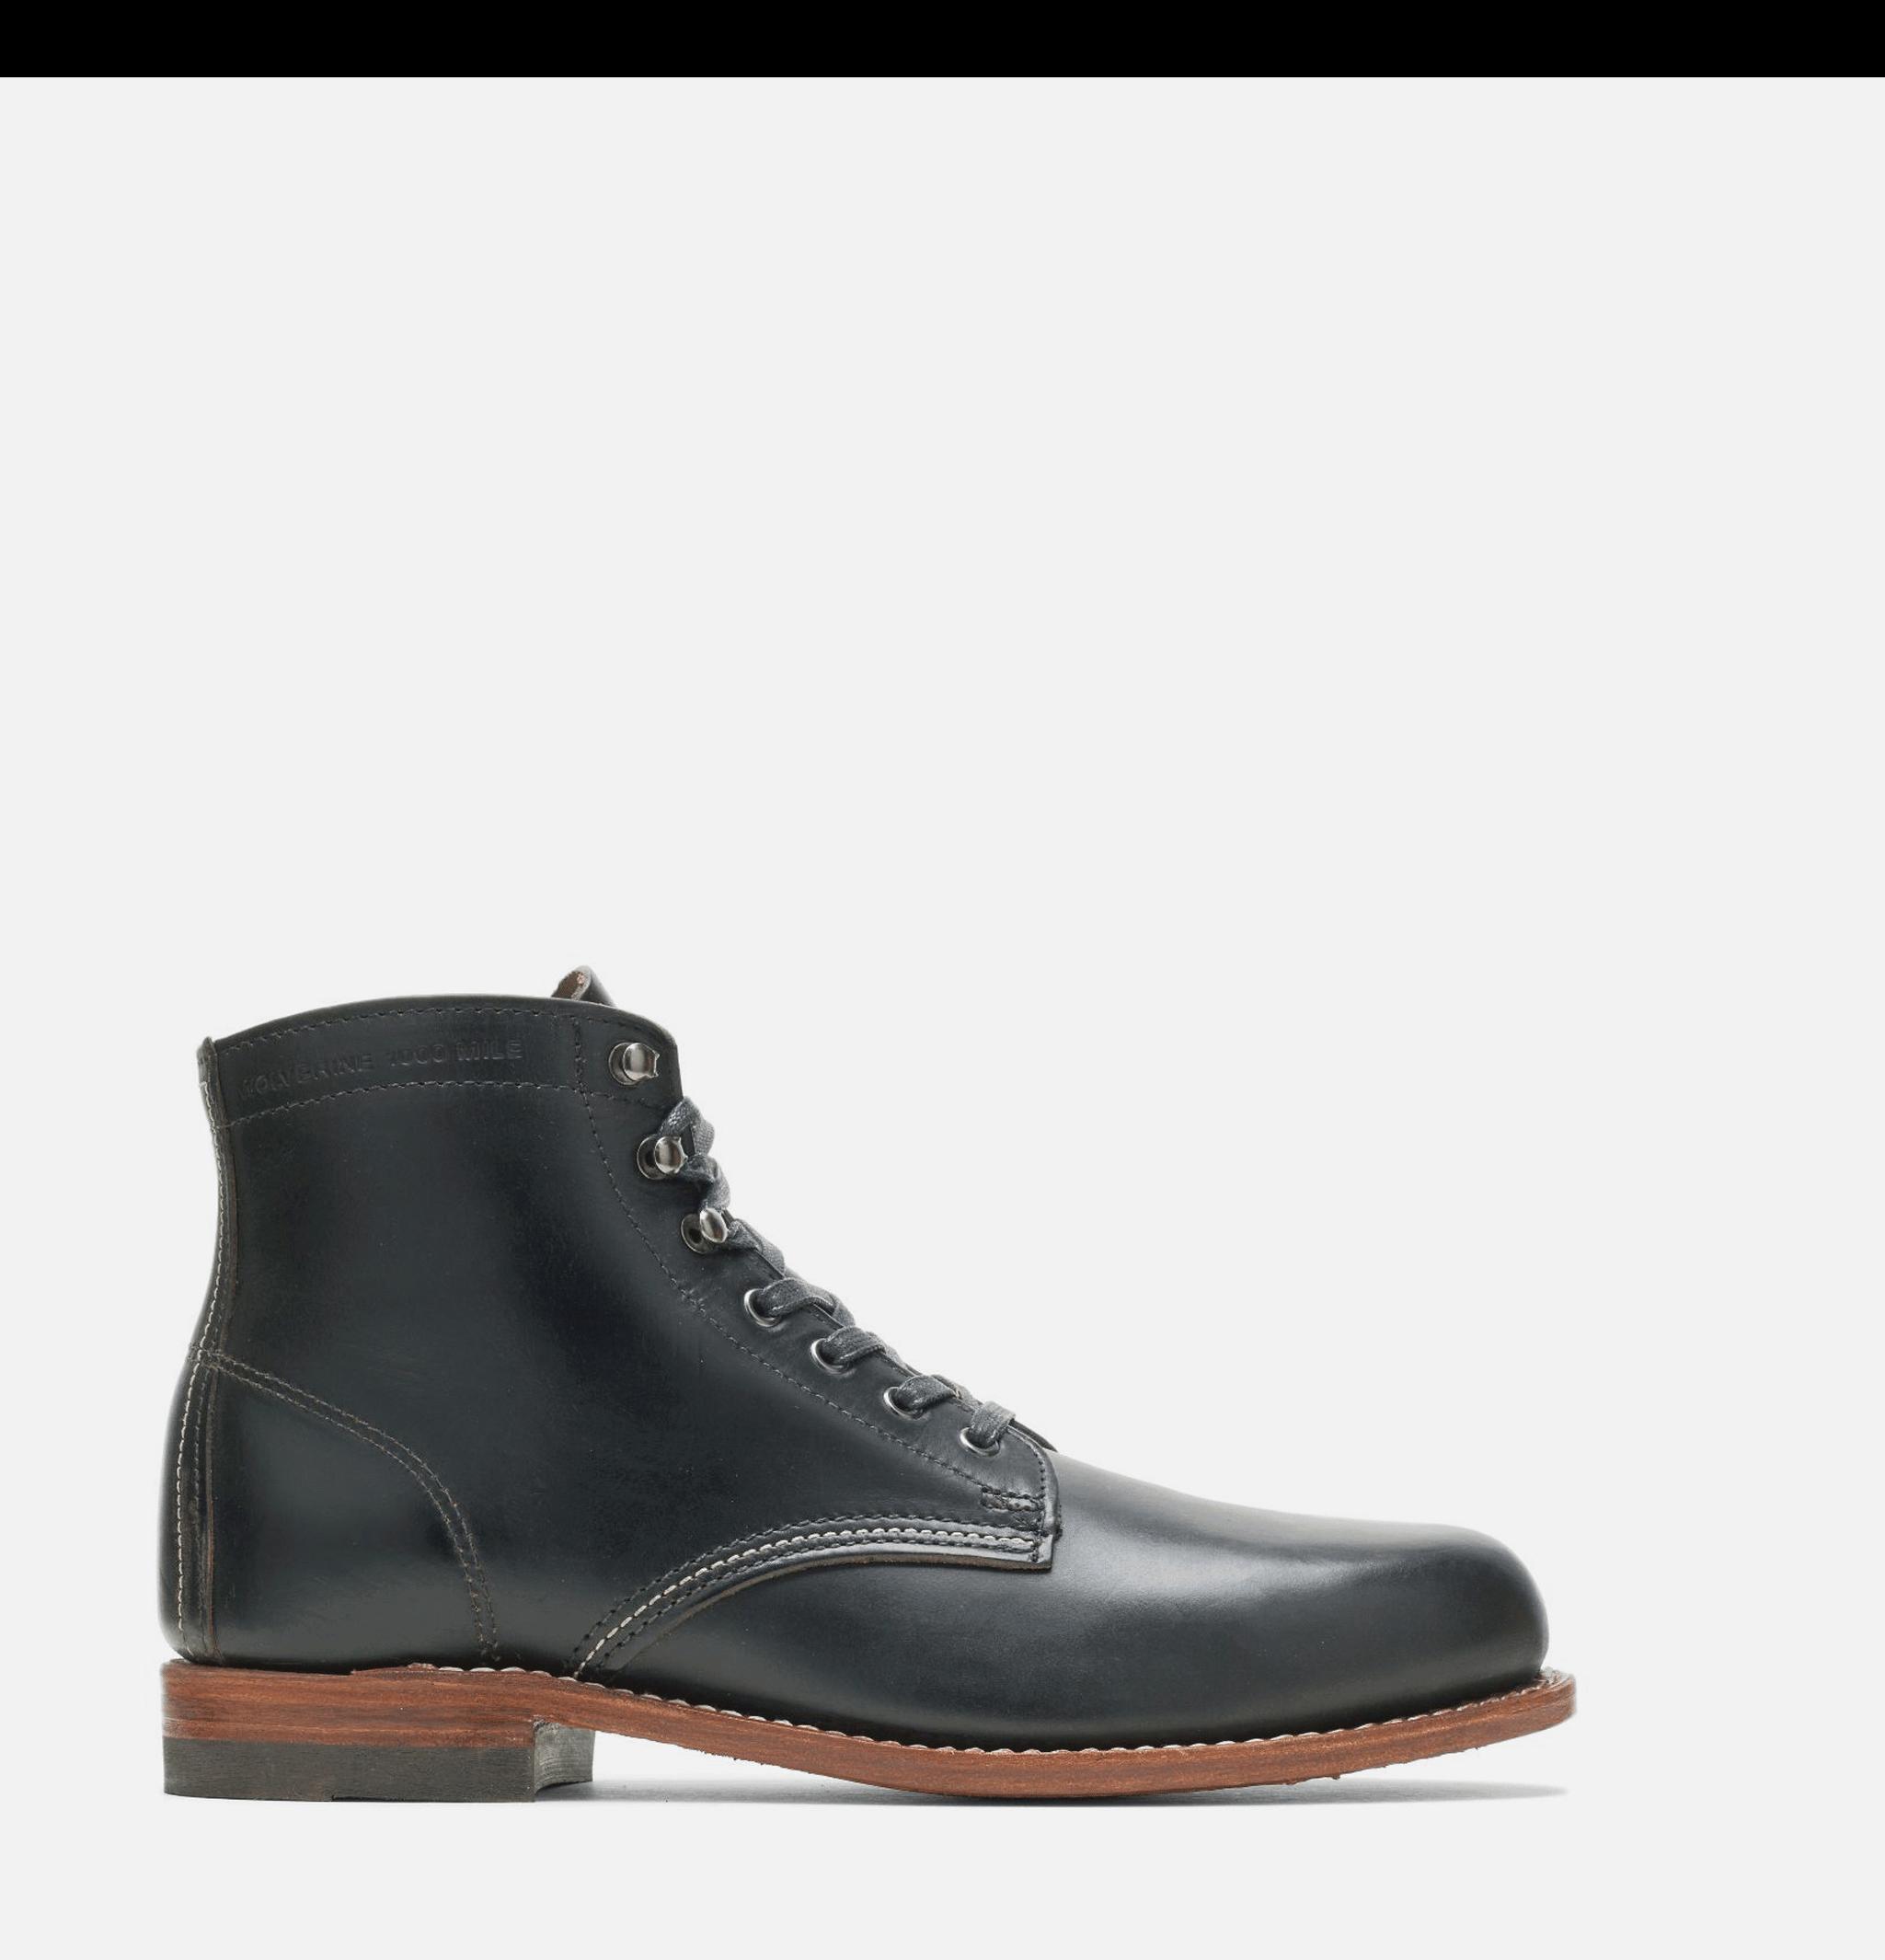 1000 Mile Boot Black